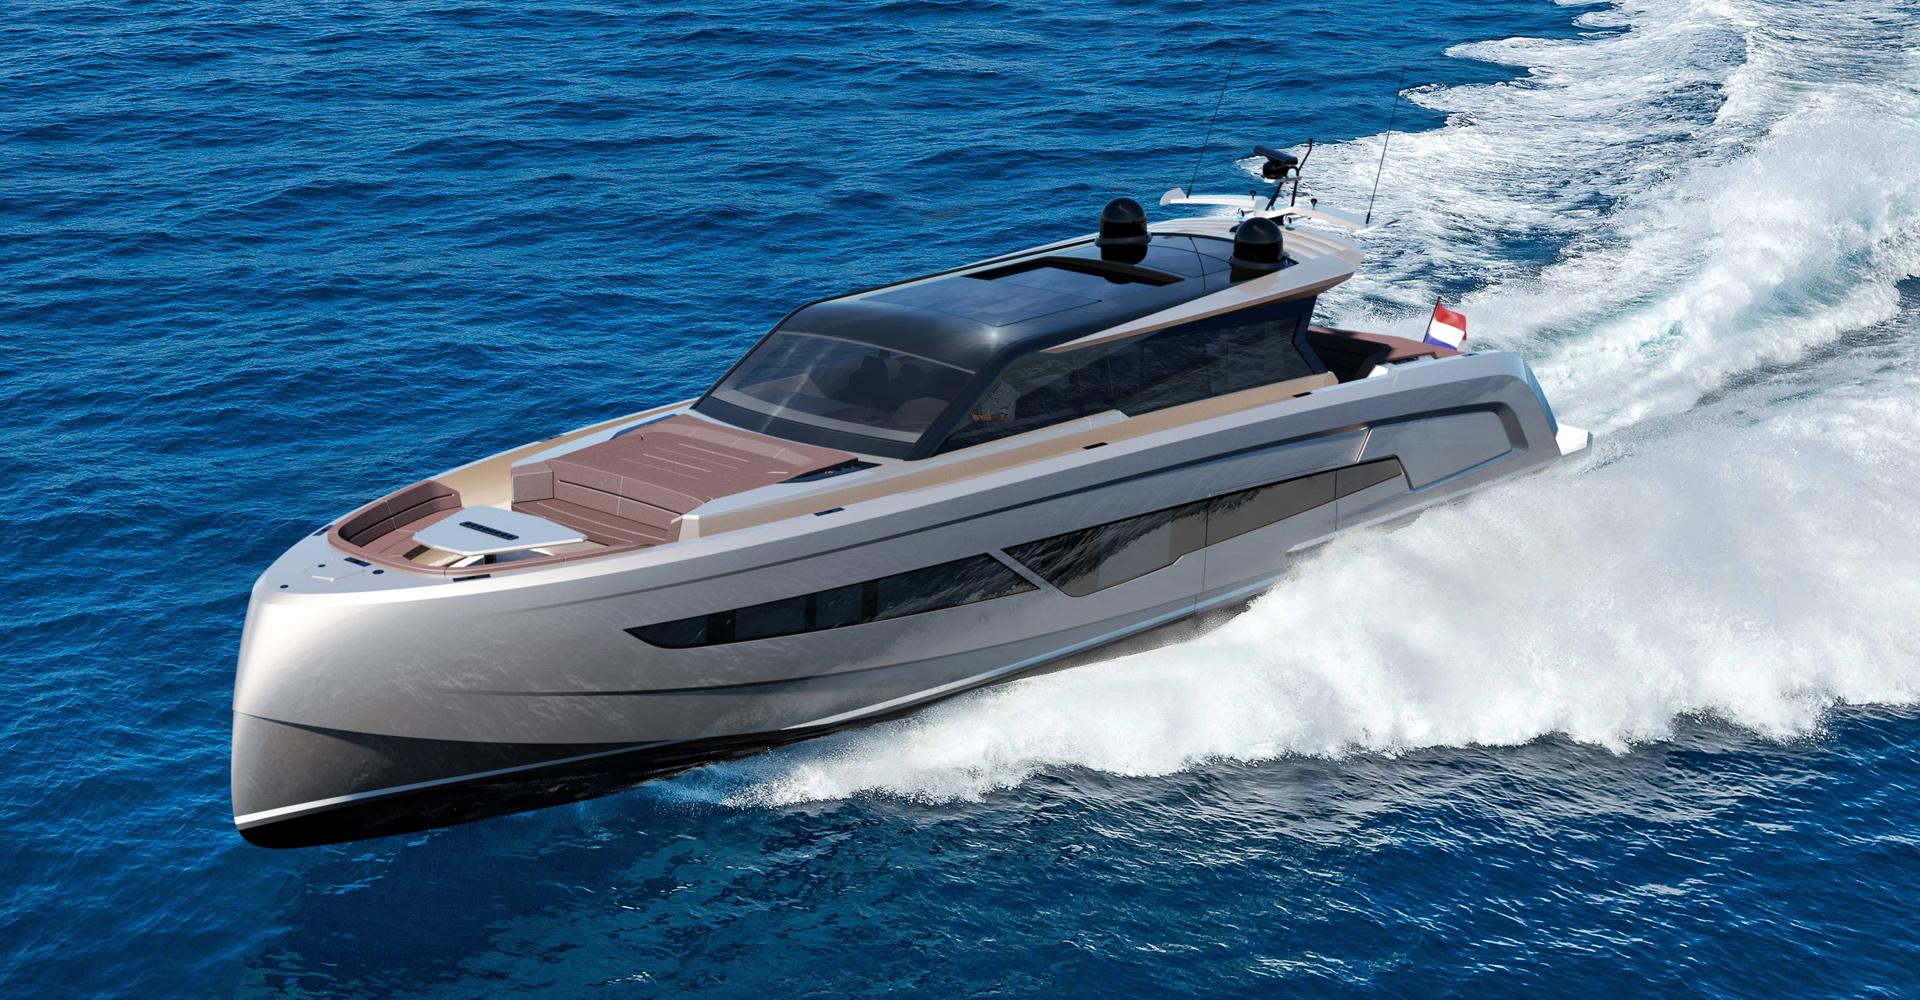 Vanquish 80 motor yacht exterior render